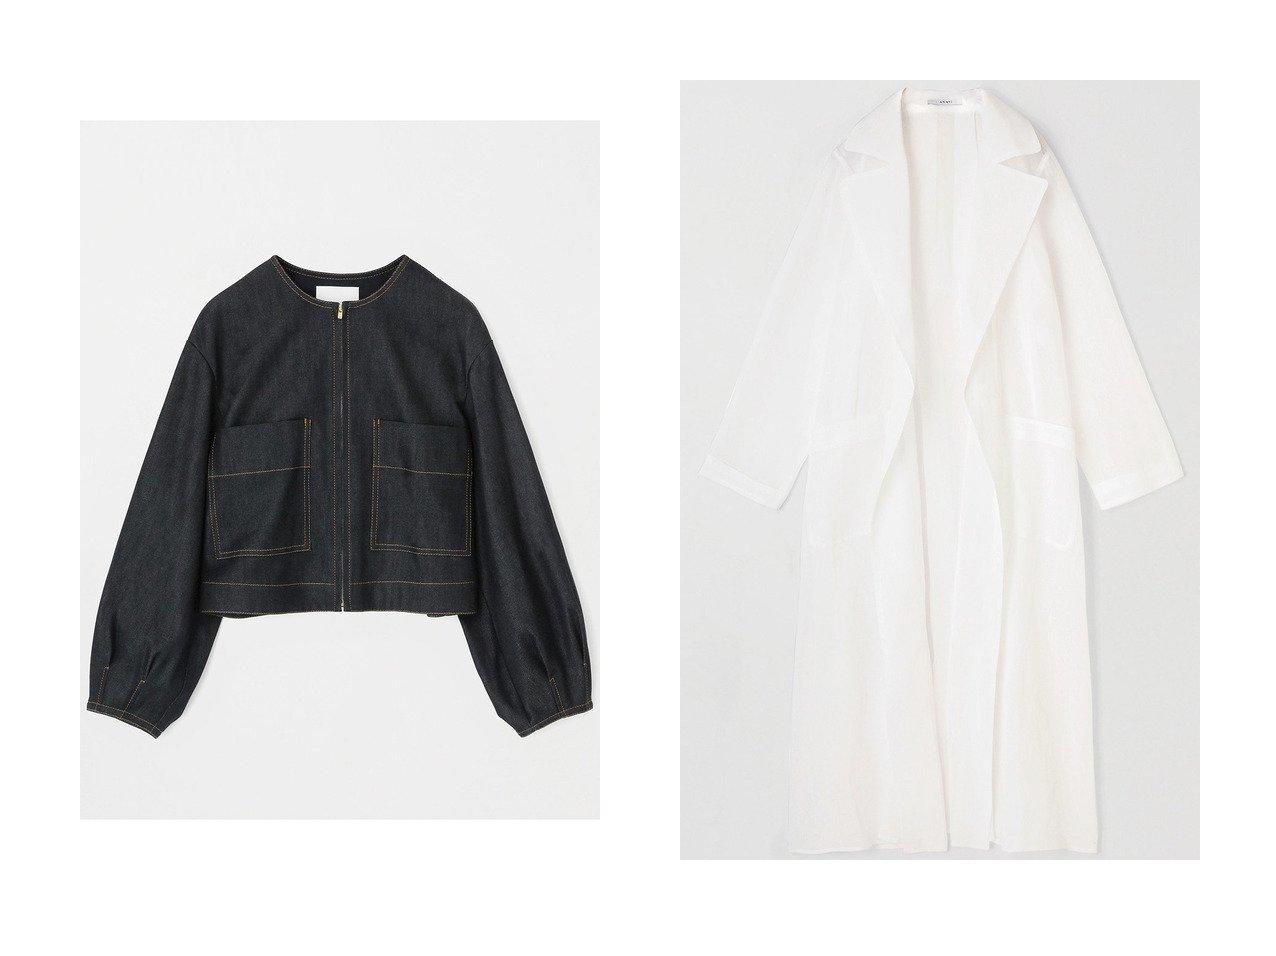 【ANAYI/アナイ】のデニムライクボリュームスリーブジャケット&コットンオーガンジーシアーコート アウターのおすすめ!人気、トレンド・レディースファッションの通販 おすすめで人気の流行・トレンド、ファッションの通販商品 メンズファッション・キッズファッション・インテリア・家具・レディースファッション・服の通販 founy(ファニー) https://founy.com/ ファッション Fashion レディースファッション WOMEN アウター Coat Outerwear ジャケット Jackets コート Coats 2021年 2021 2021 春夏 S/S SS Spring/Summer 2021 S/S 春夏 SS Spring/Summer シルク ジャケット ストレッチ デニム ポケット 春 Spring  ID:crp329100000015452